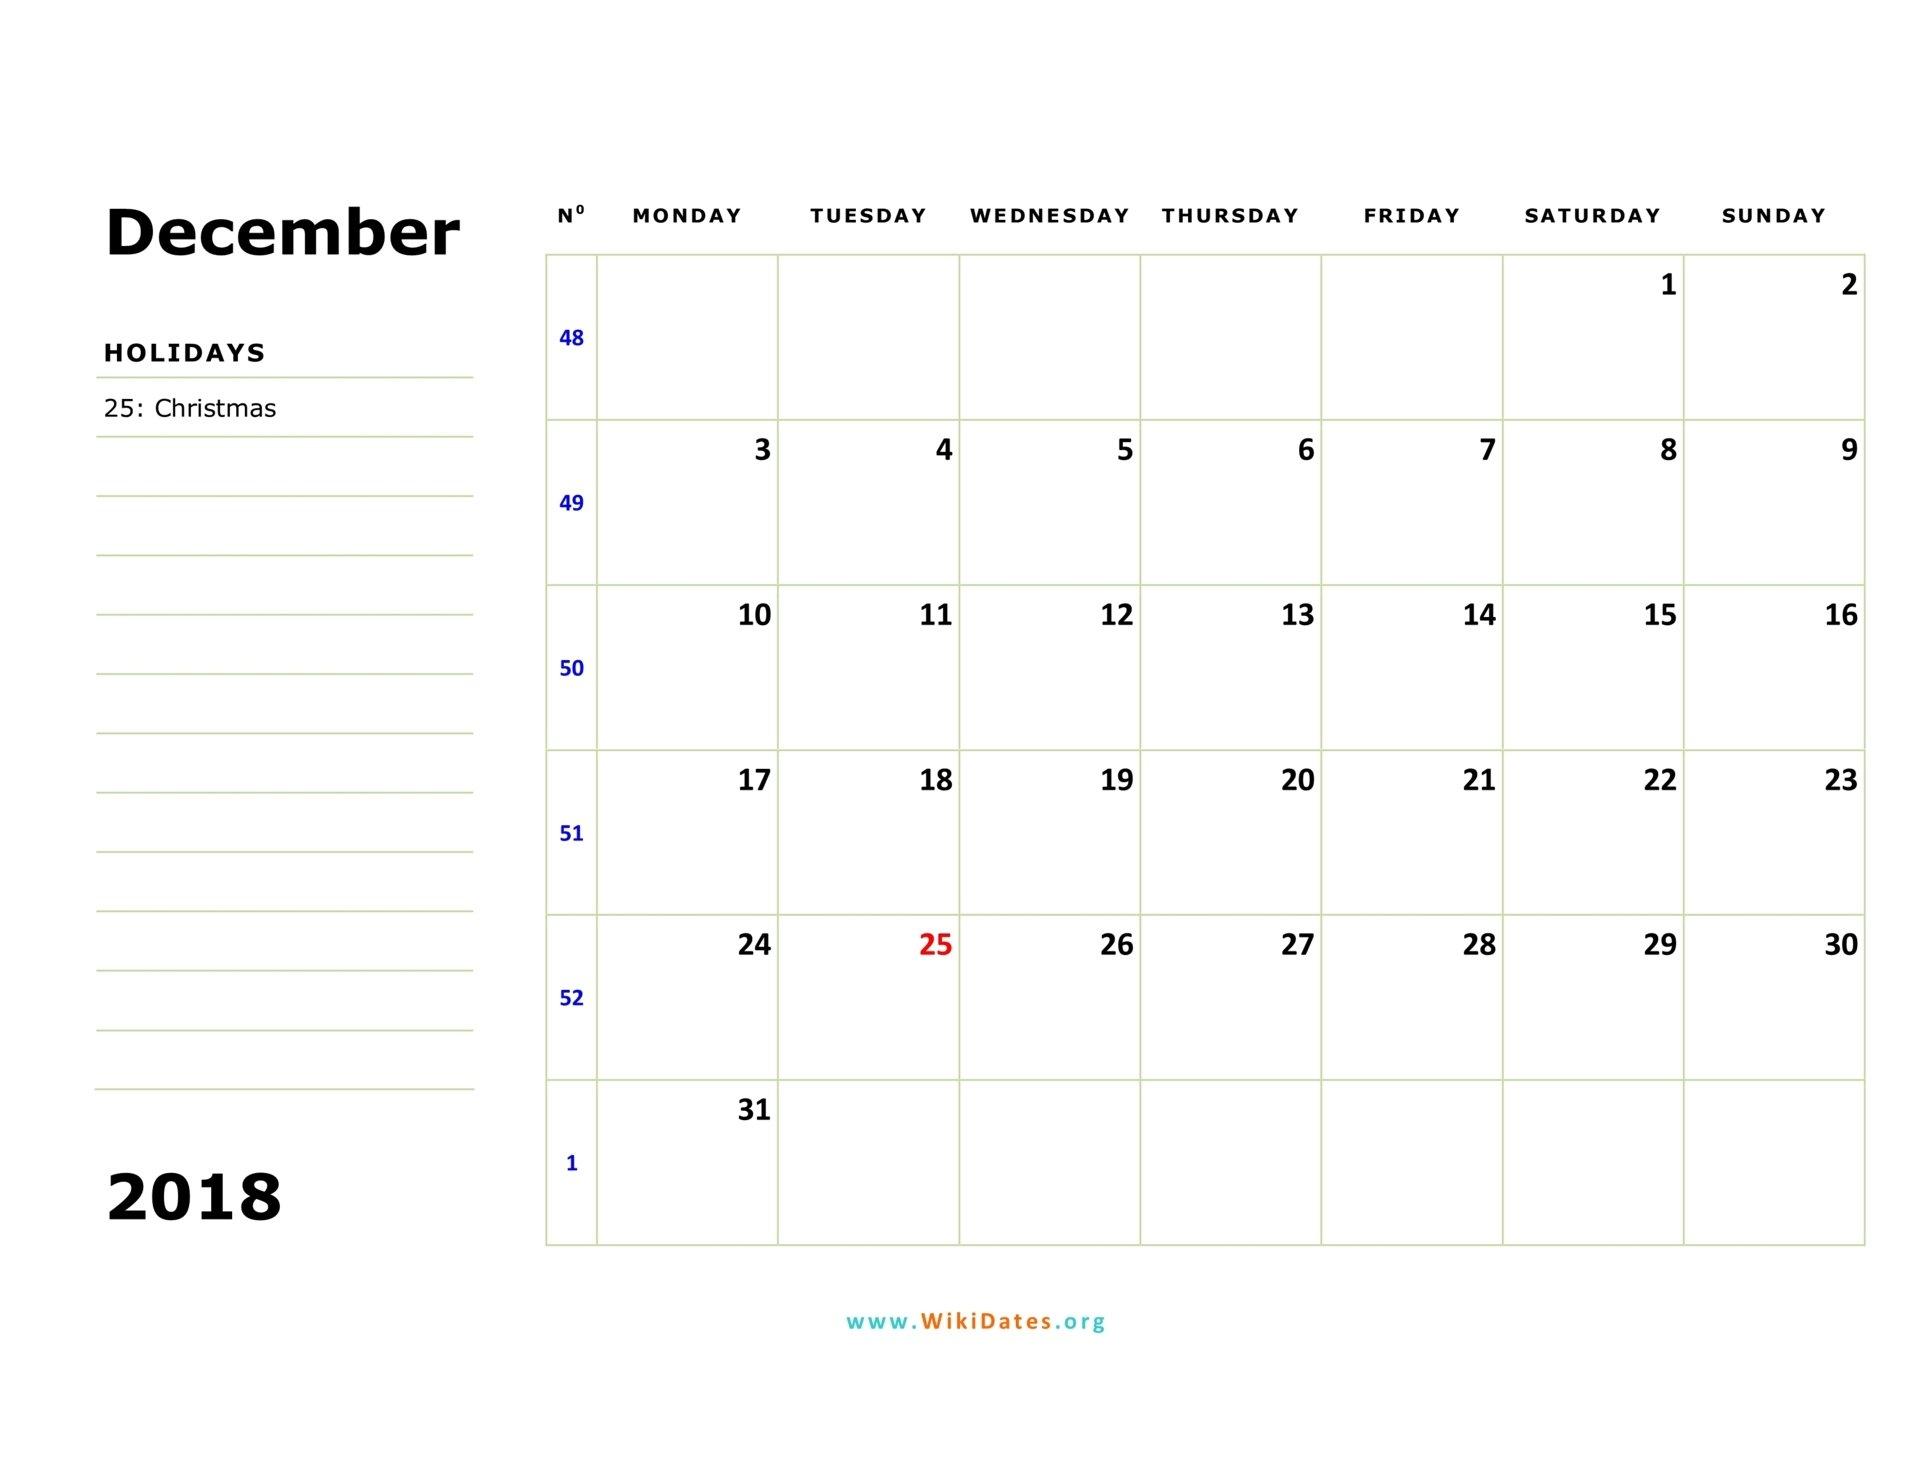 December 2018 Calendar | Wikidates Weekly Numbered 52 Week Calendar Printable